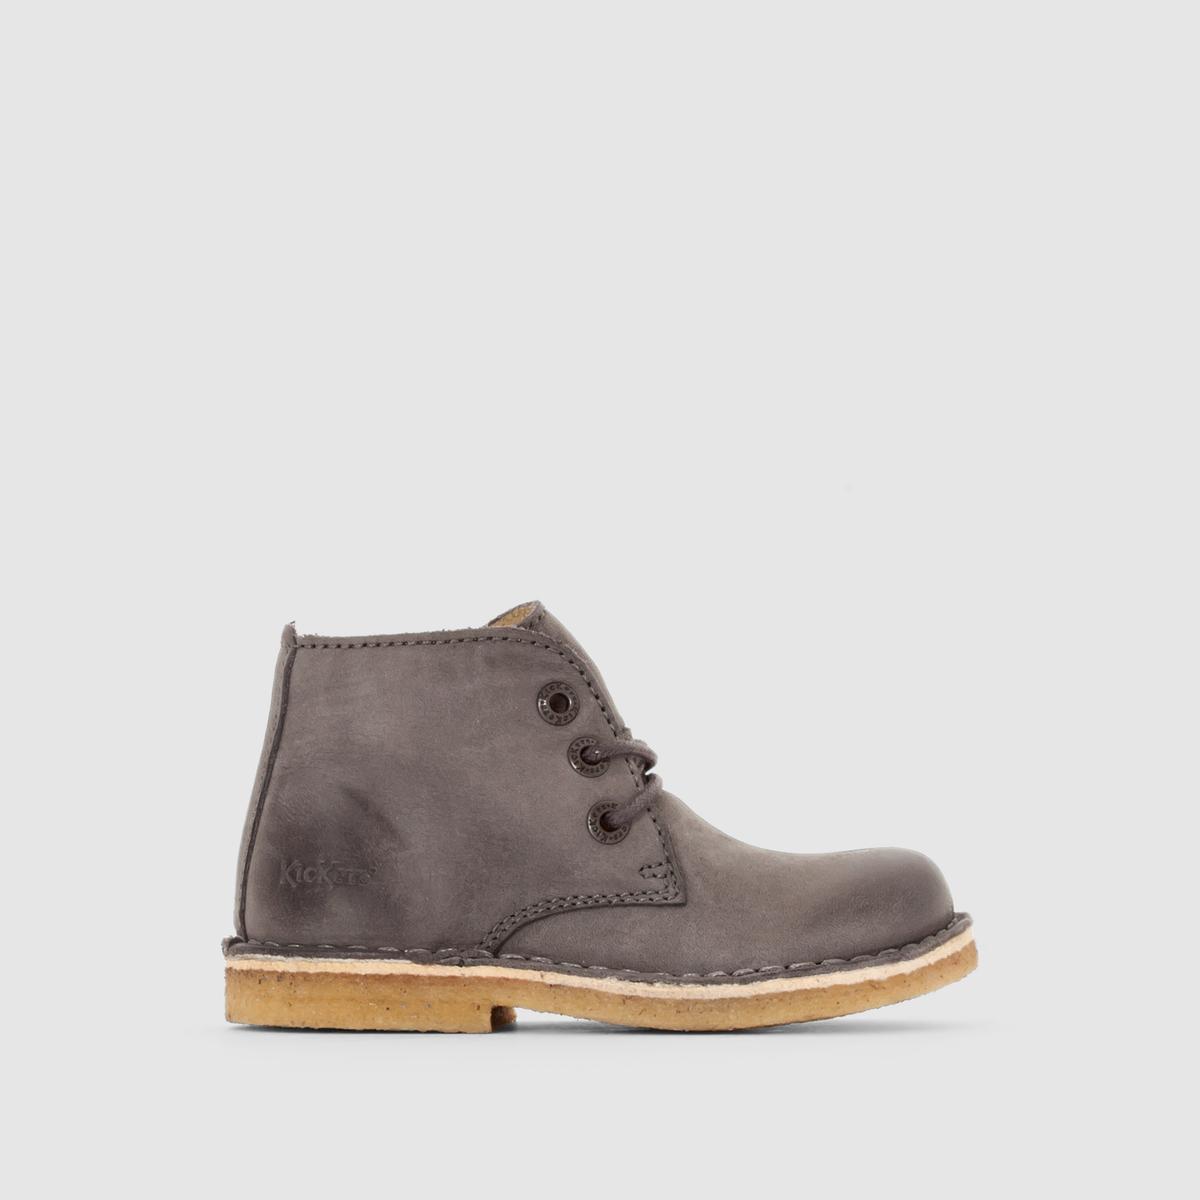 Ботинки цвета пустыни RealkizПодкладка: Неотделанная кожа     Стелька: Неотделанная кожа    Подошва: Креп     Высота каблука:  6 см.     Застежка: шнуровка.<br><br>Цвет: серый<br>Размер: 33.27